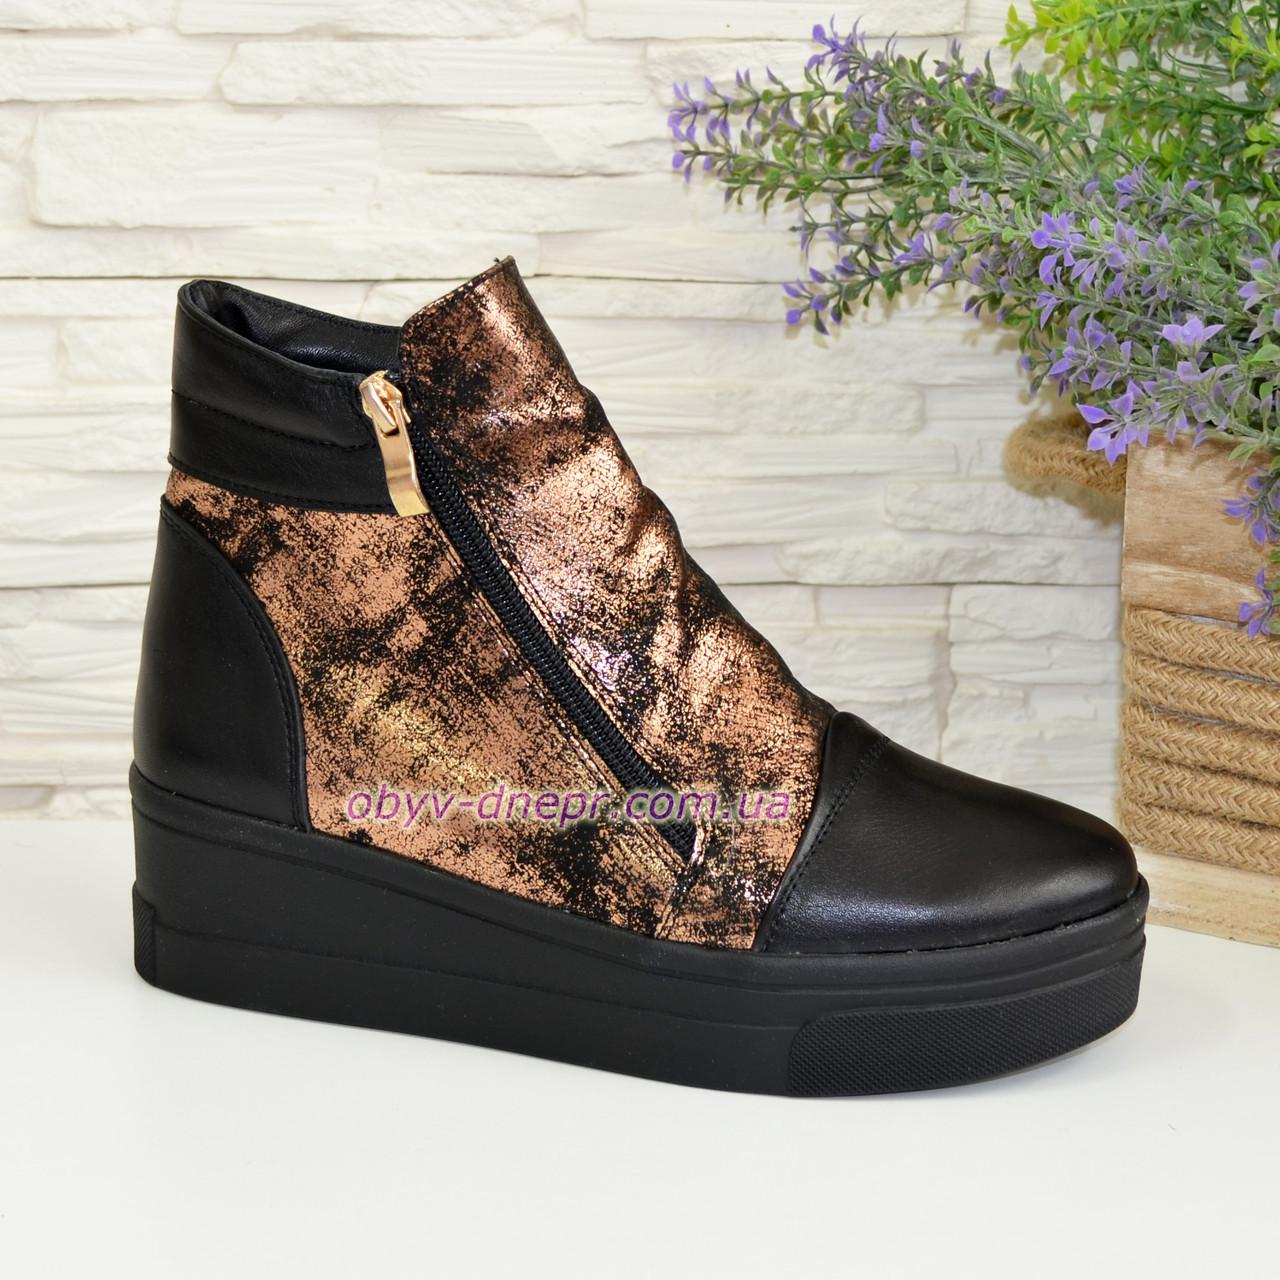 Женские зимние ботинки на платформе, натуральная кожа и замша, фото 1